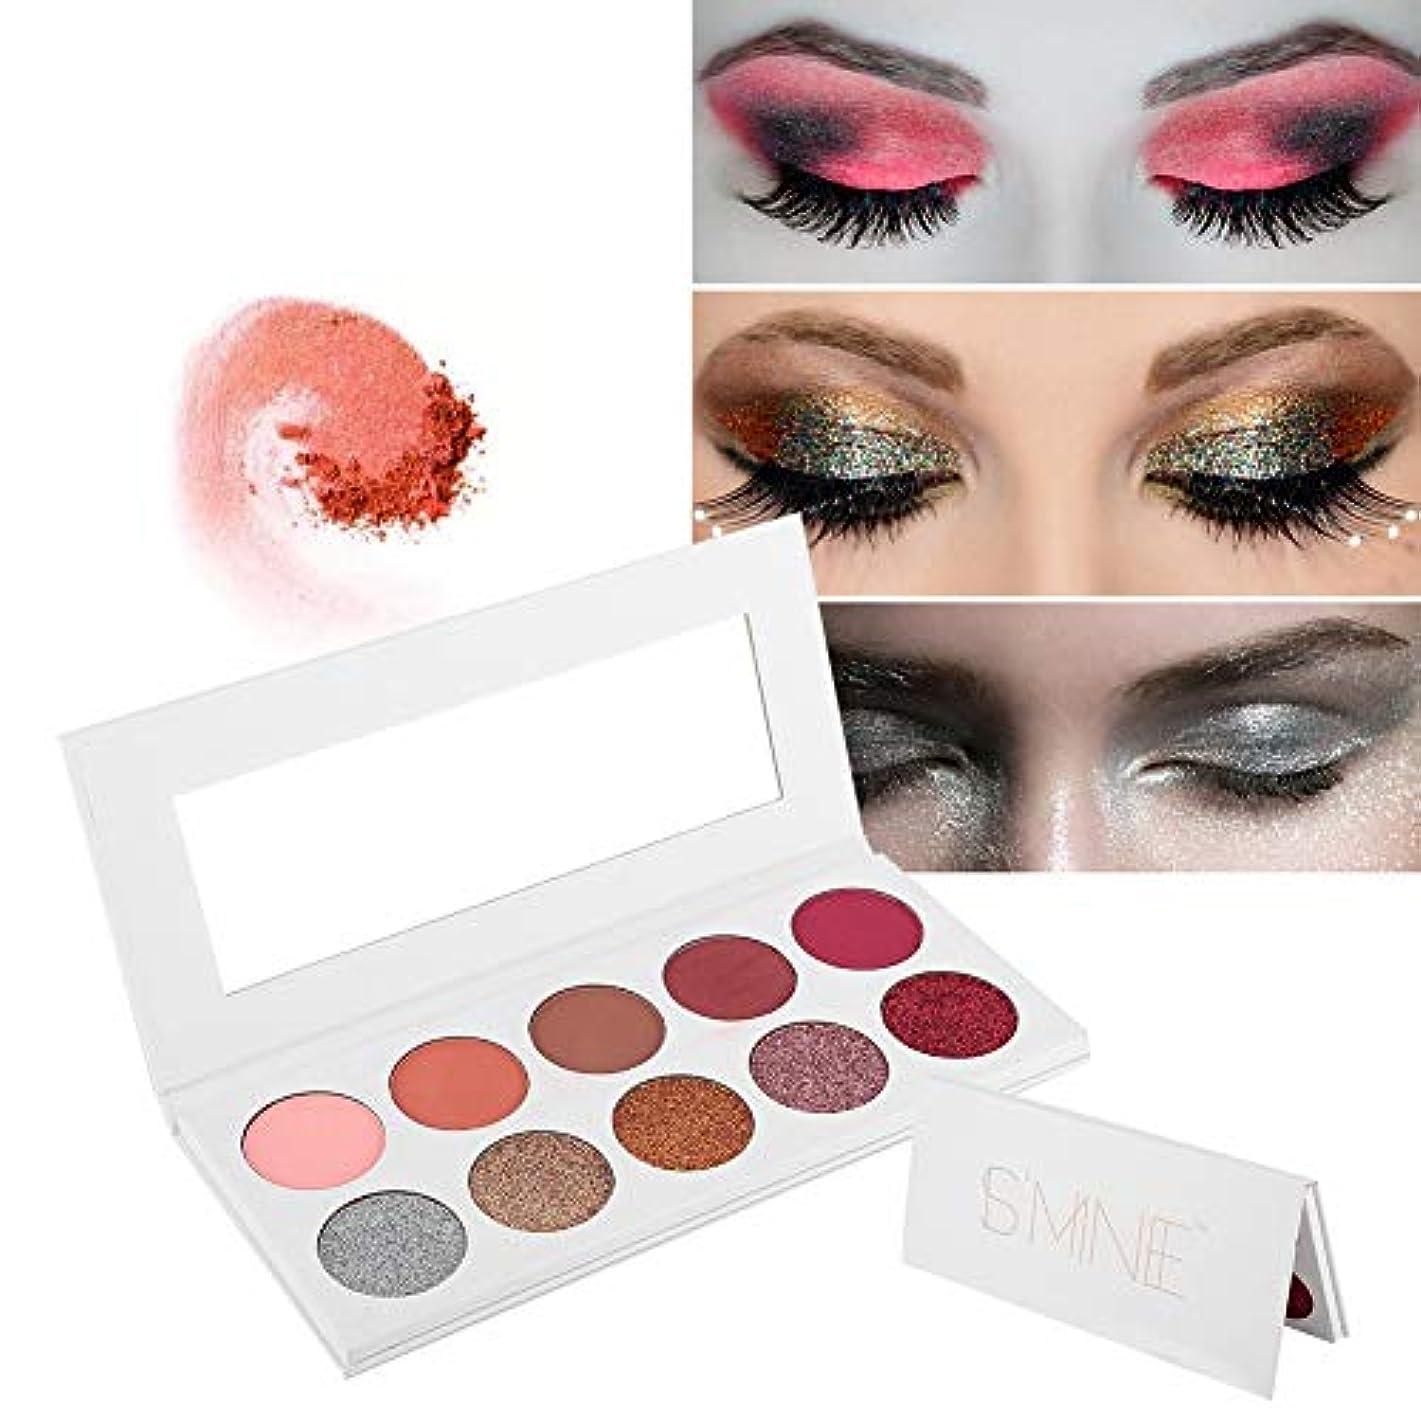 因子適格堤防アイシャドウパレット アイシャドウパレット 10色 化粧マット グロス アイシャドウパウダー 化粧品ツール